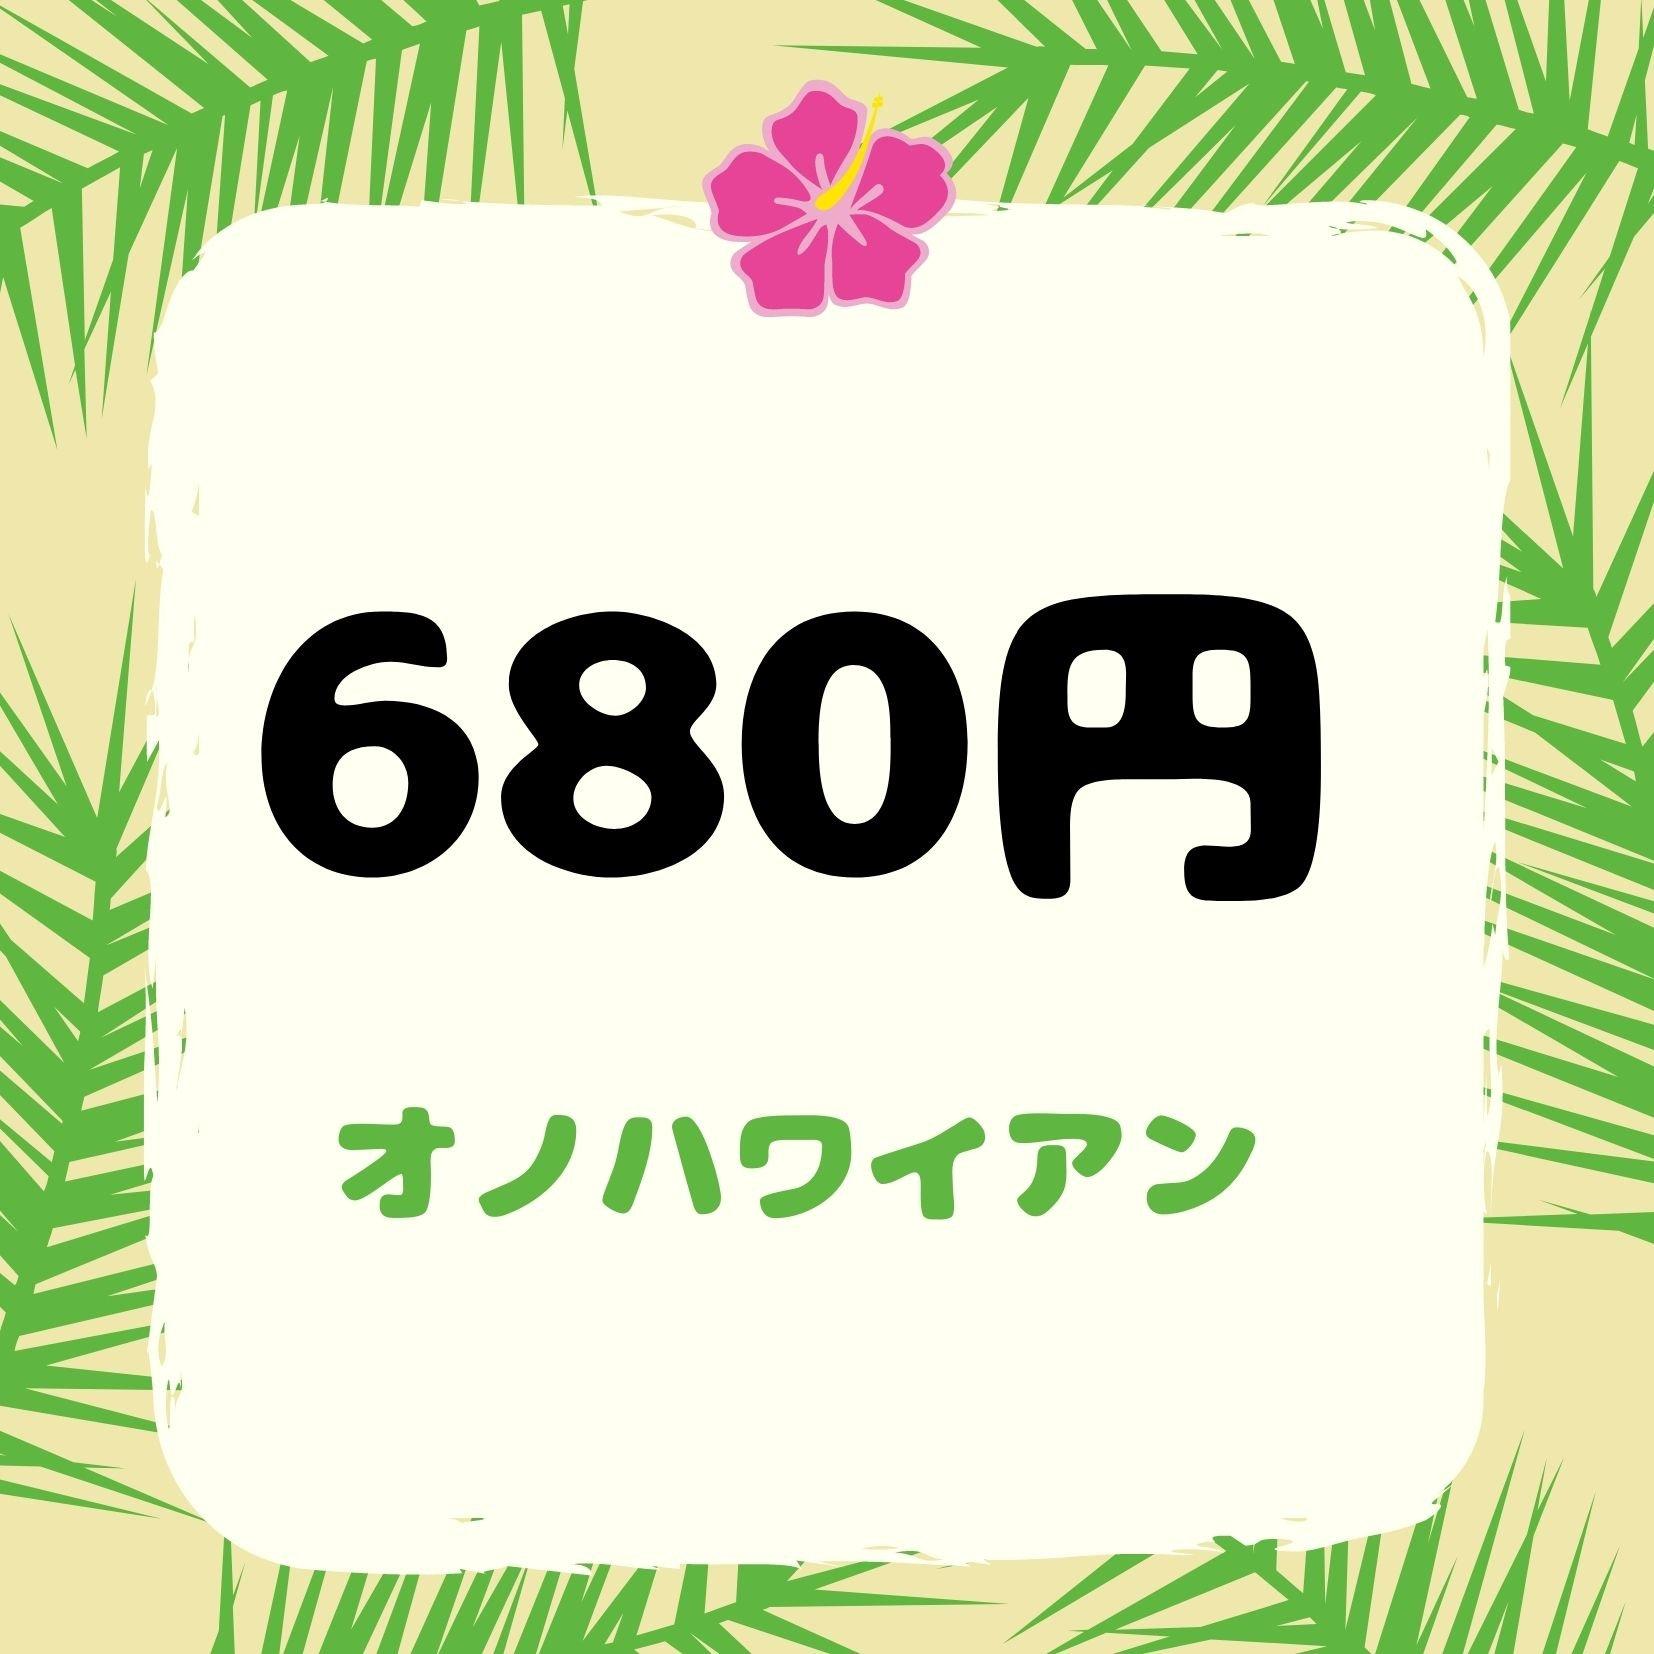 680円【店頭払い専用】フレンチトースト、アサイーボウル等のイメージその1